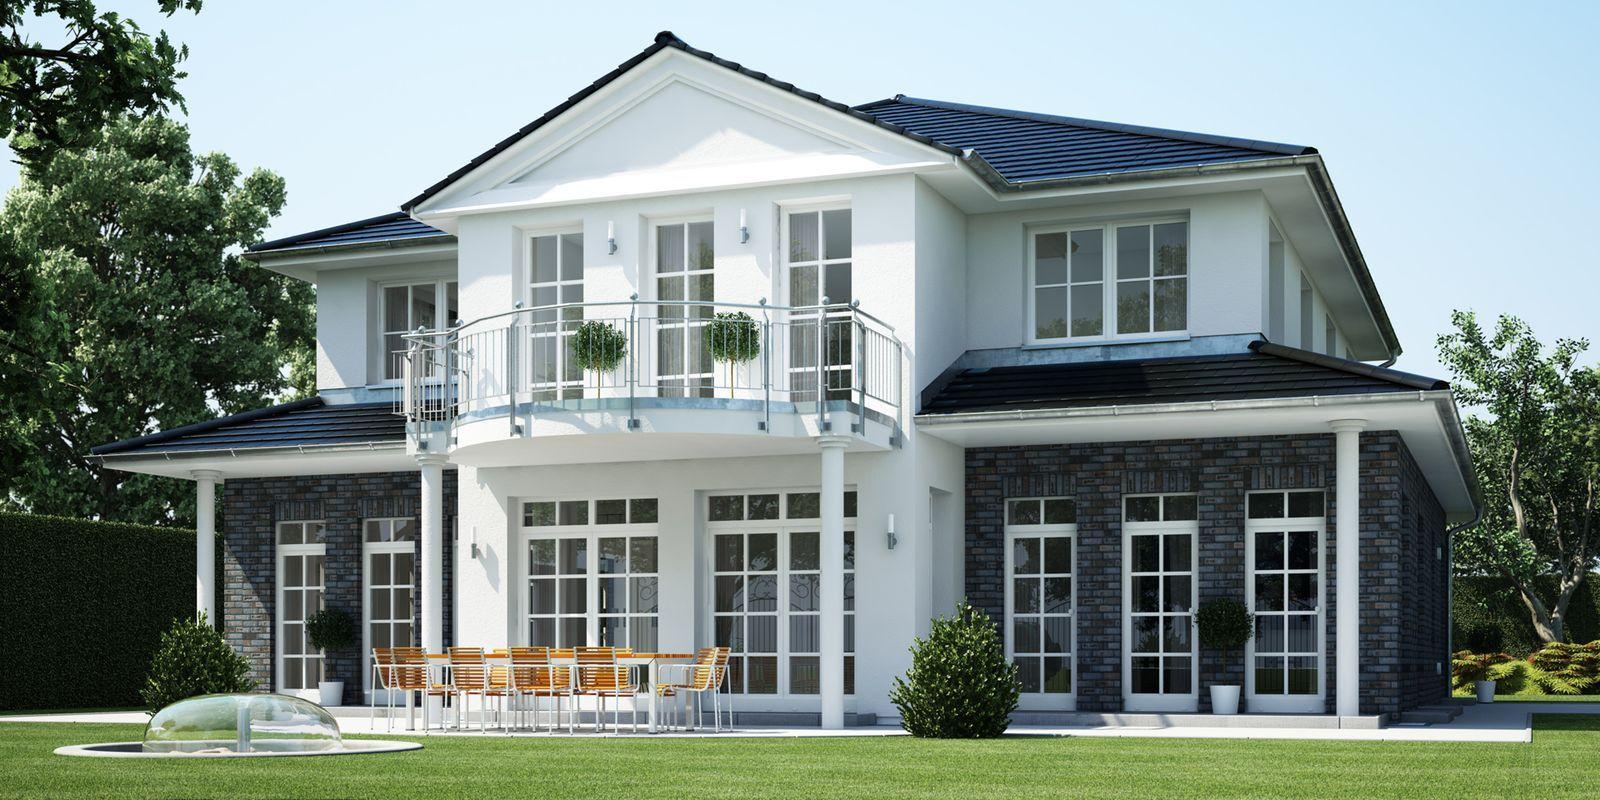 arcus heinz von heiden haus pinterest h uschen grundrisse hausbau und grundrisse. Black Bedroom Furniture Sets. Home Design Ideas